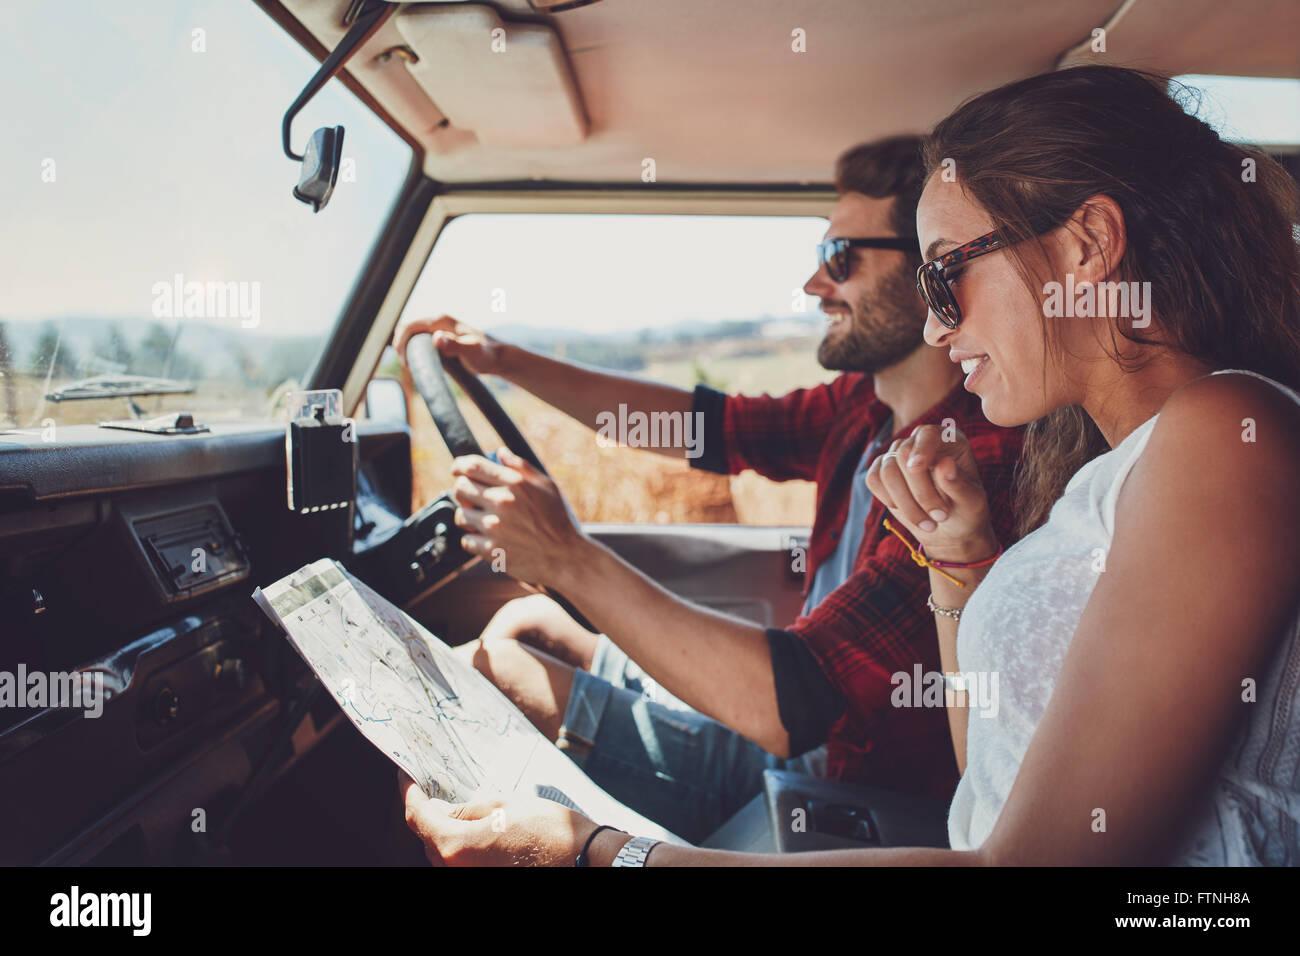 Seitenansicht des jungen Paares mit Hilfe einer Karte auf einem Roadtrip nach dem Weg. Junger Mann und Frau eine Stockbild